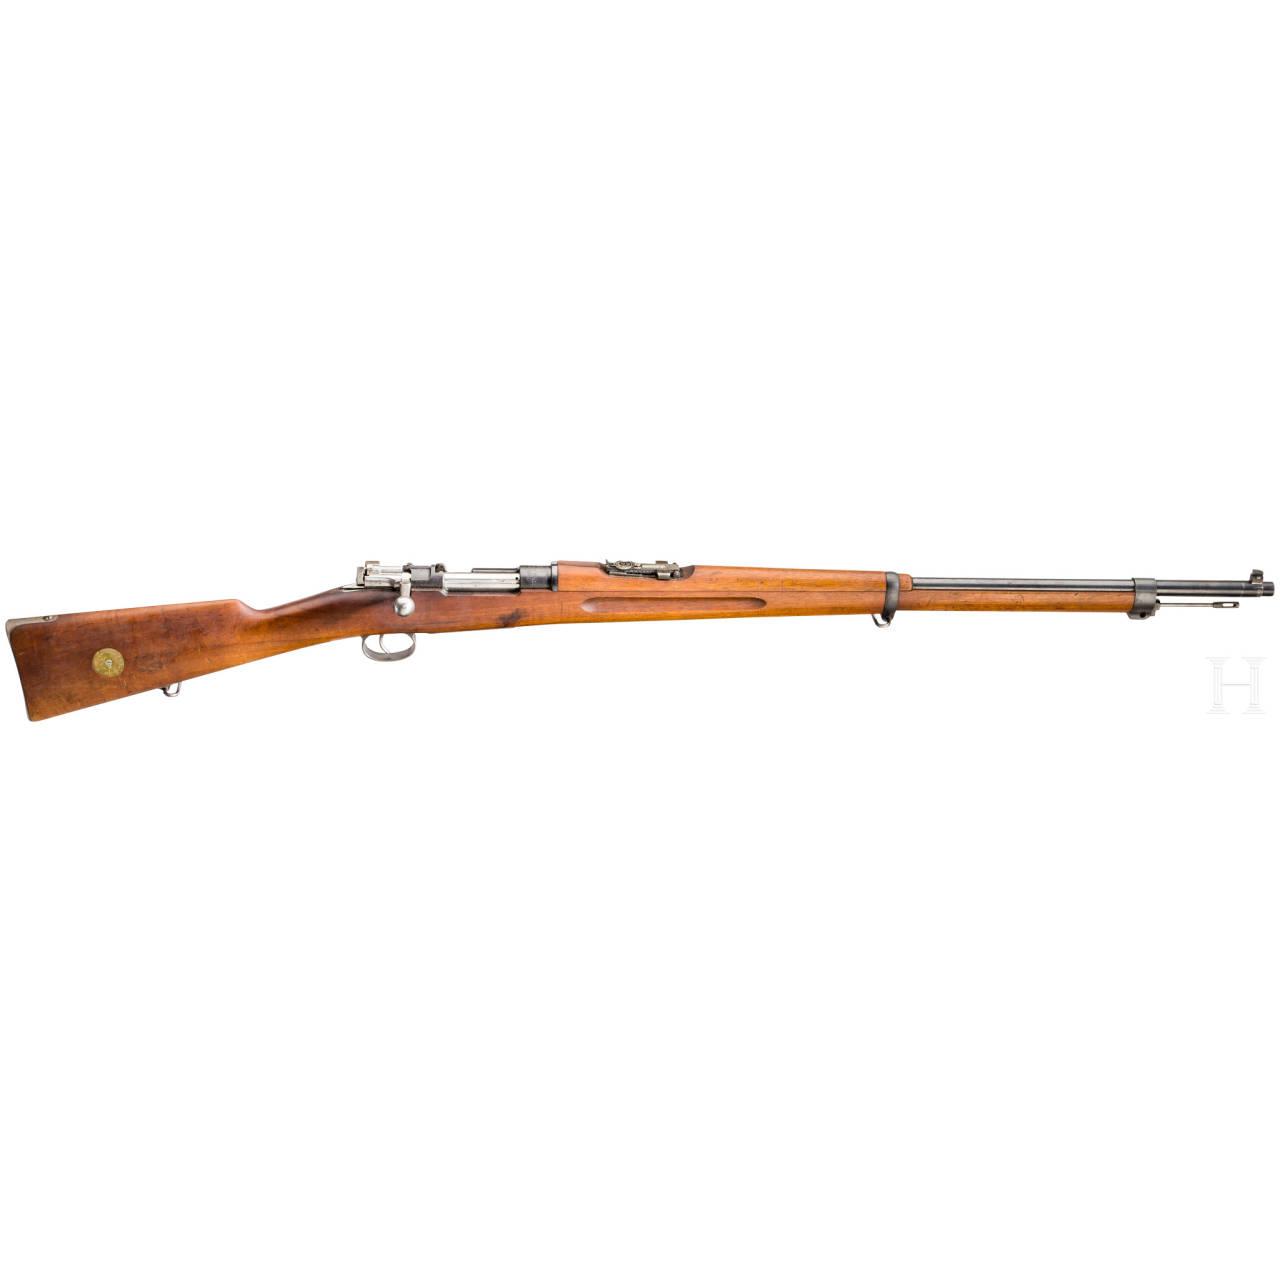 Gewehr M 1896, Carl Gustaf, 1905